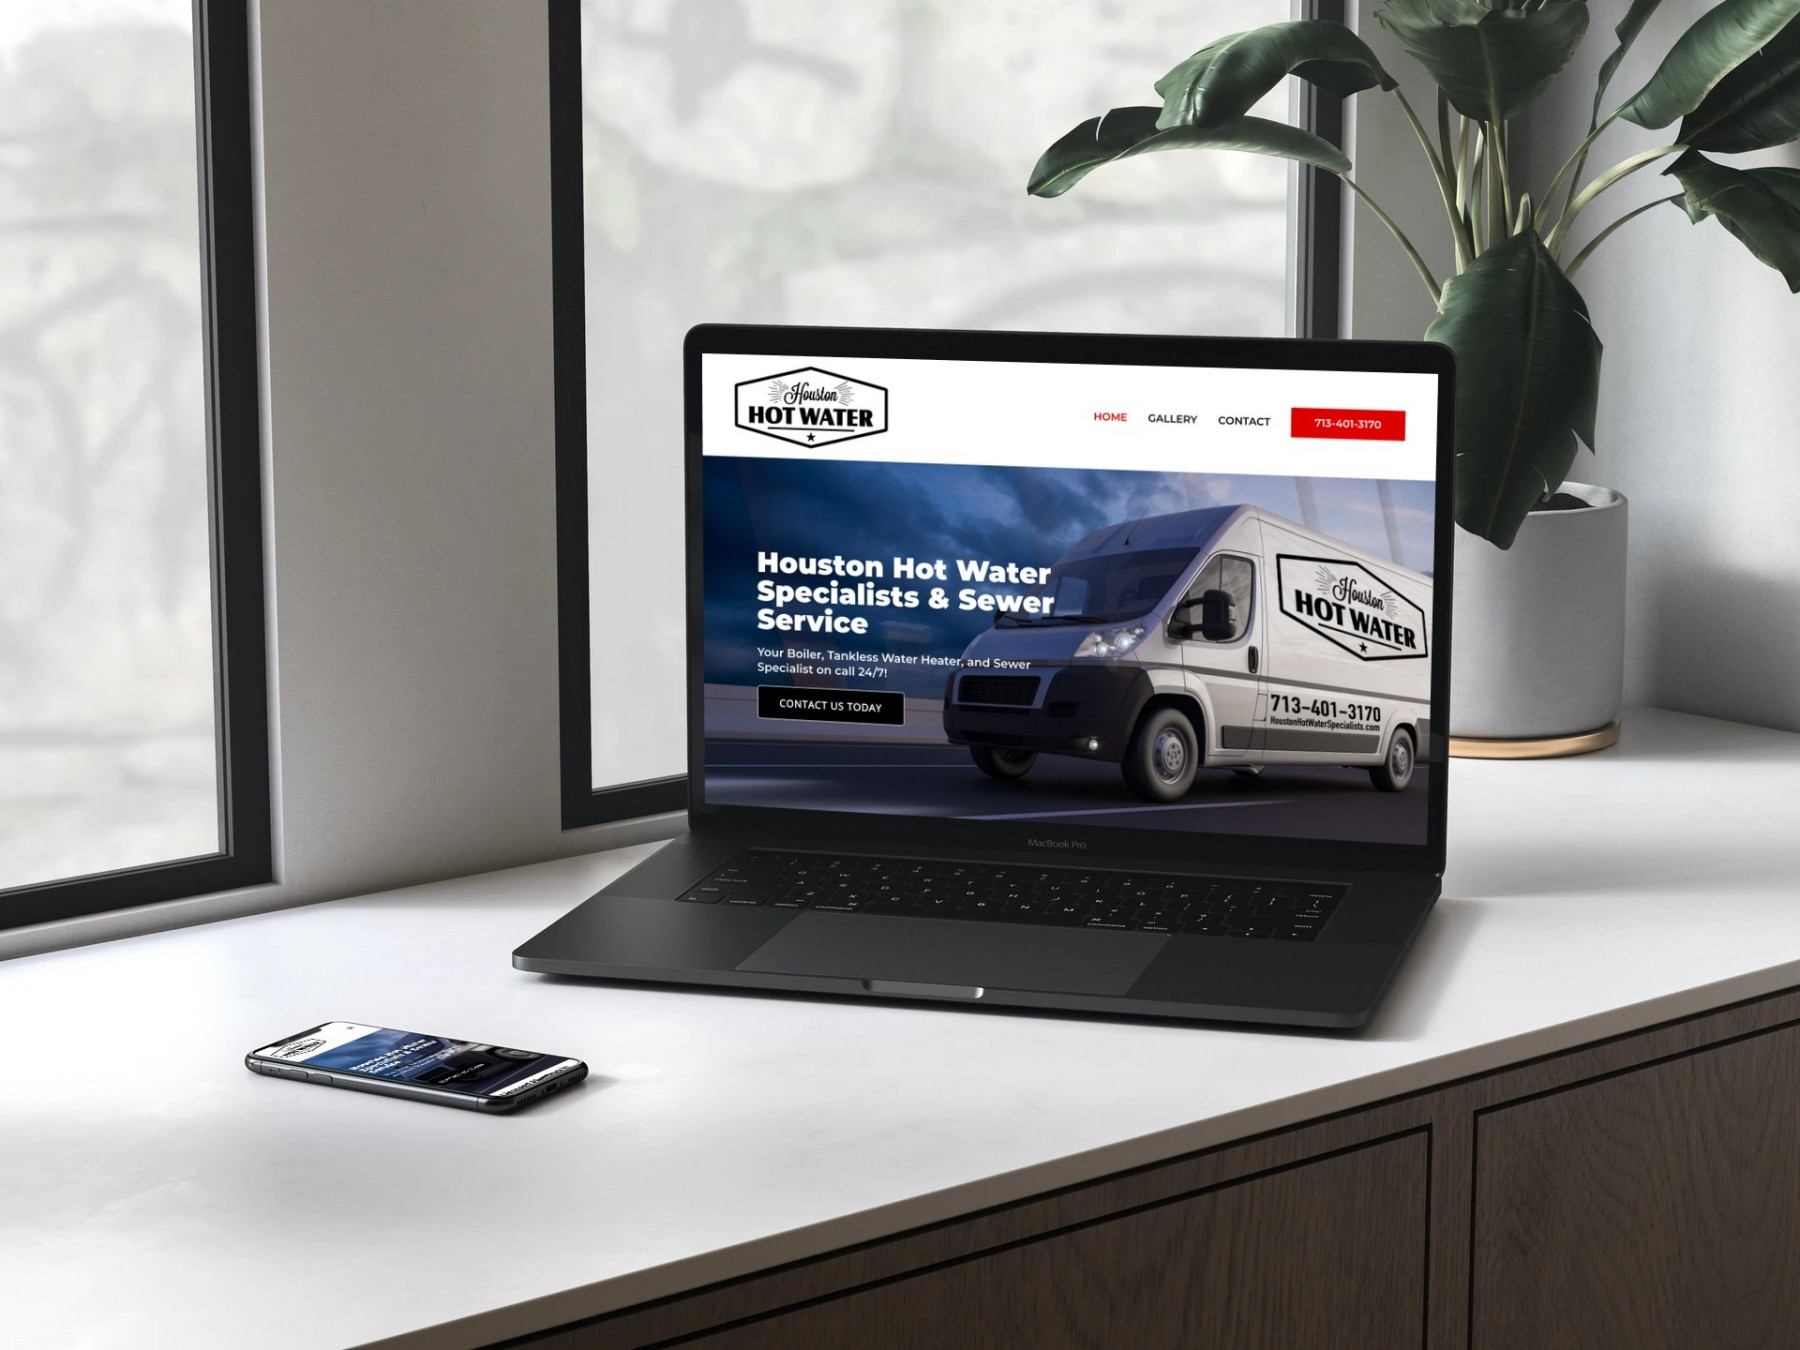 Houston Hot Water Specialists Website Design - MacBook Pro